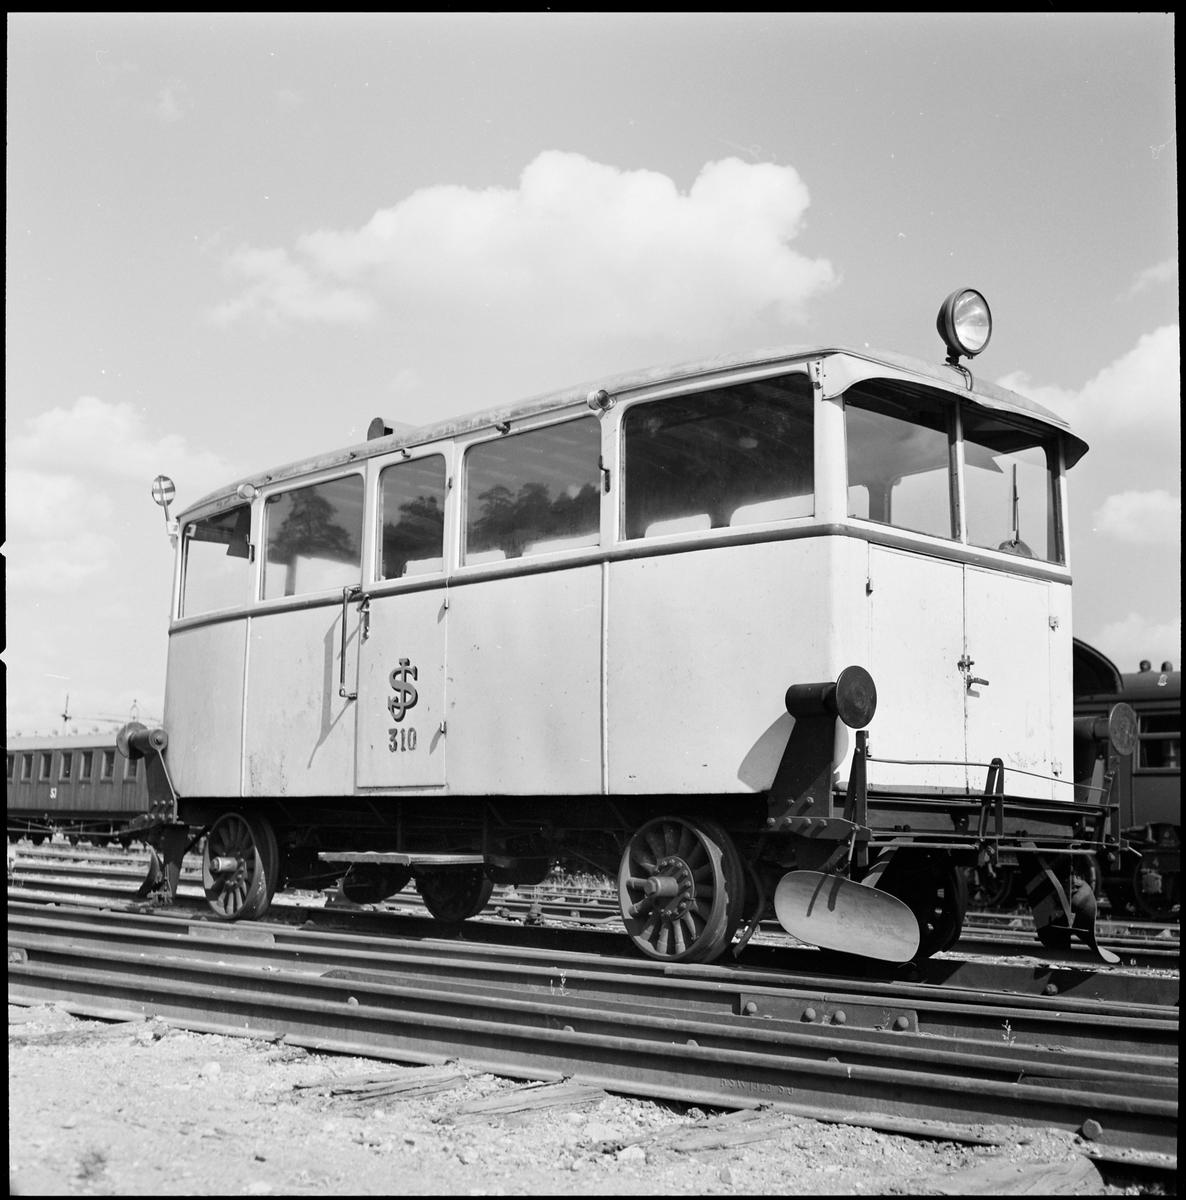 Statens Järnvägar, SJ rälsbuss 310.